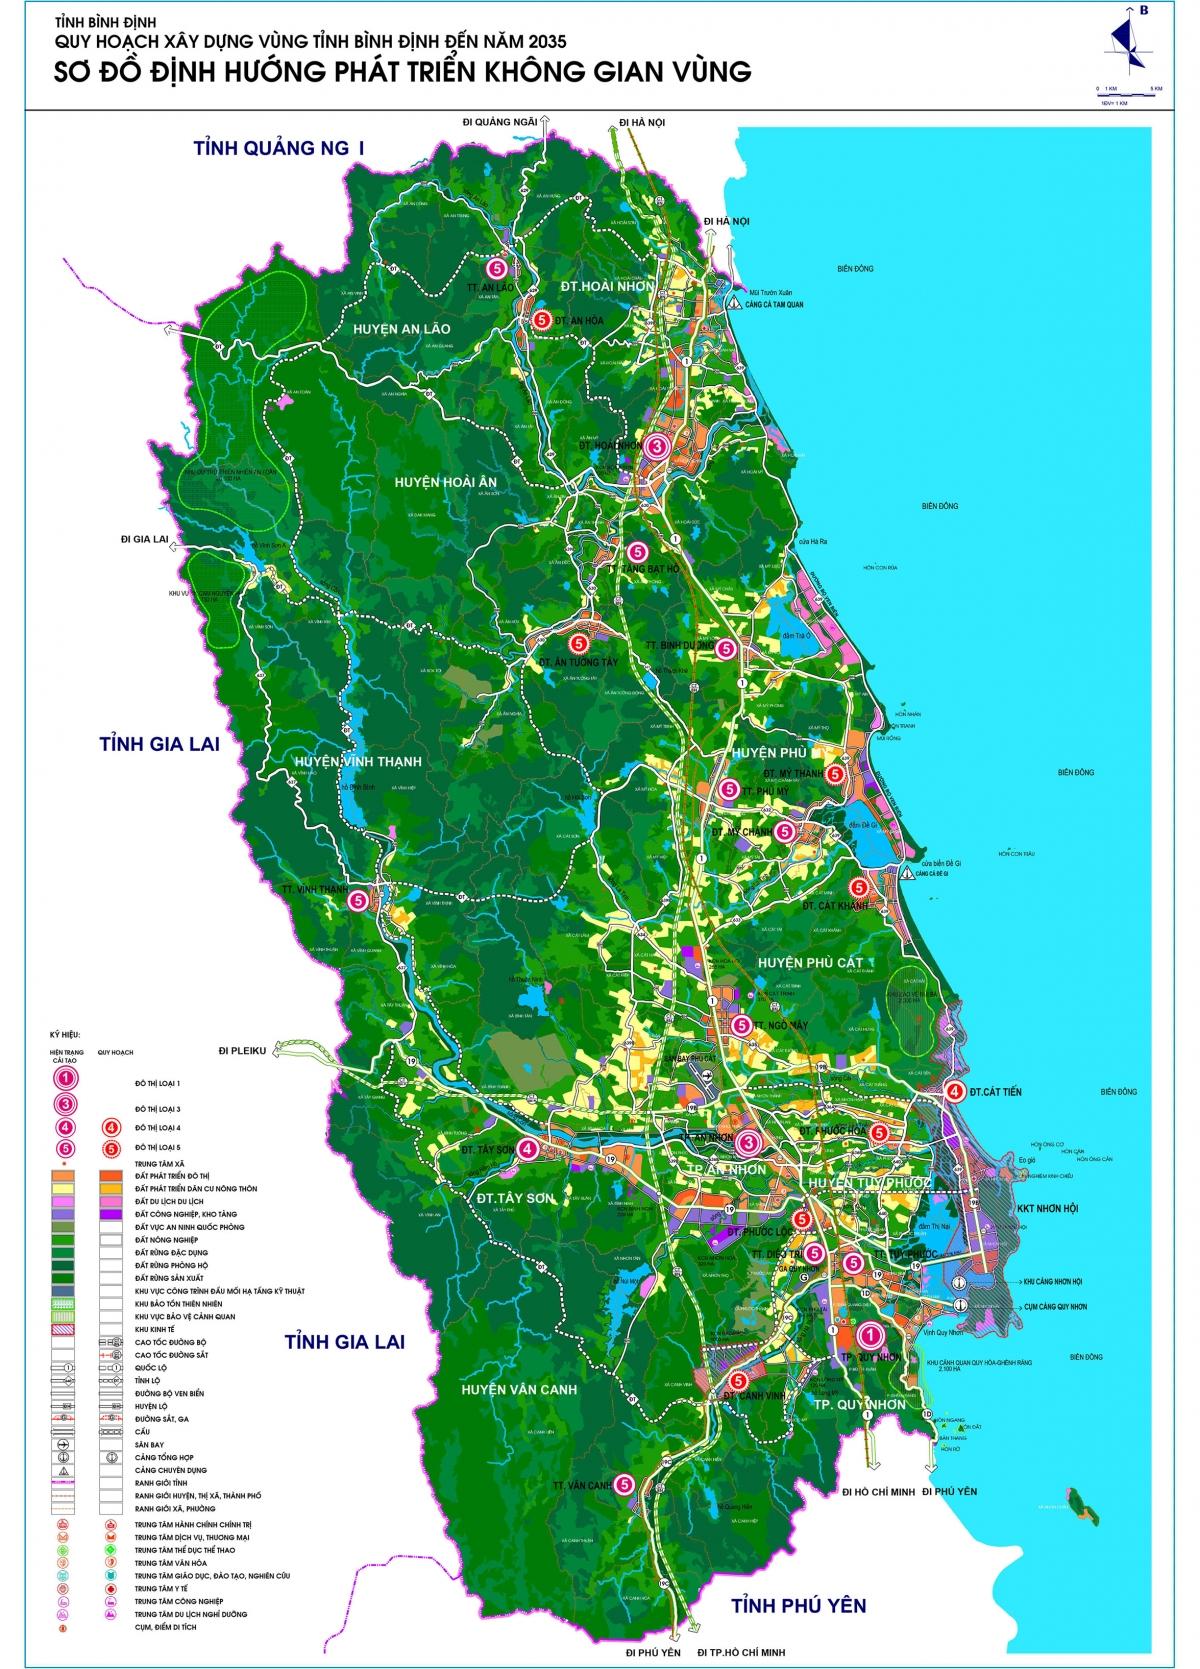 Quy hoạch xây dựng vùng tỉnh Bình Định đến năm 2035 - Sơ đồ định hướng phát triển không gian vùng